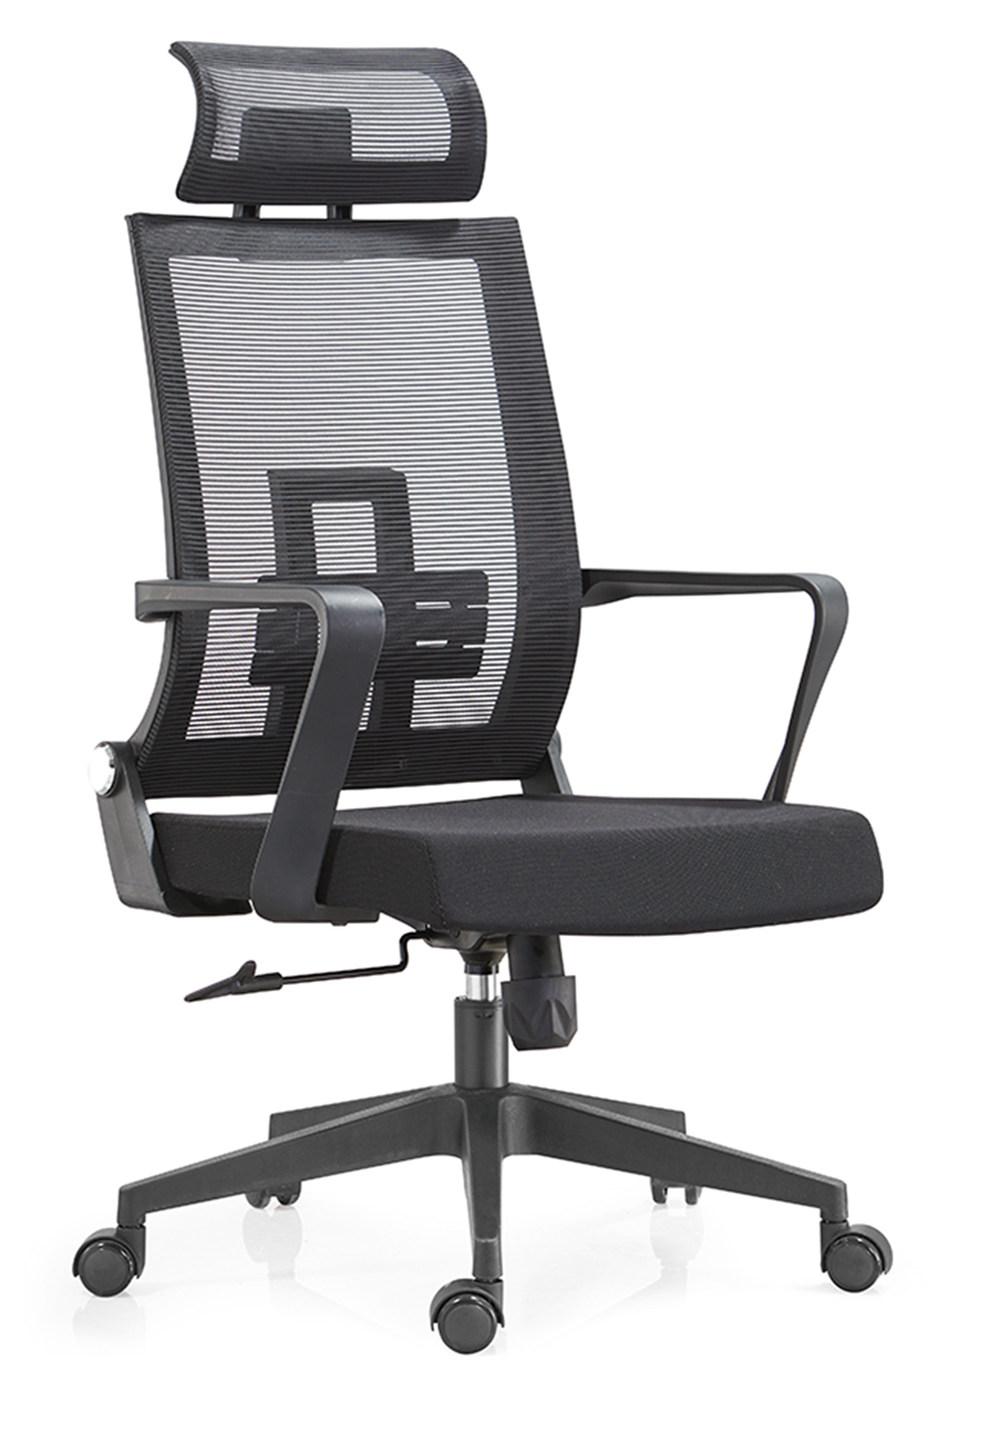 经理椅-06